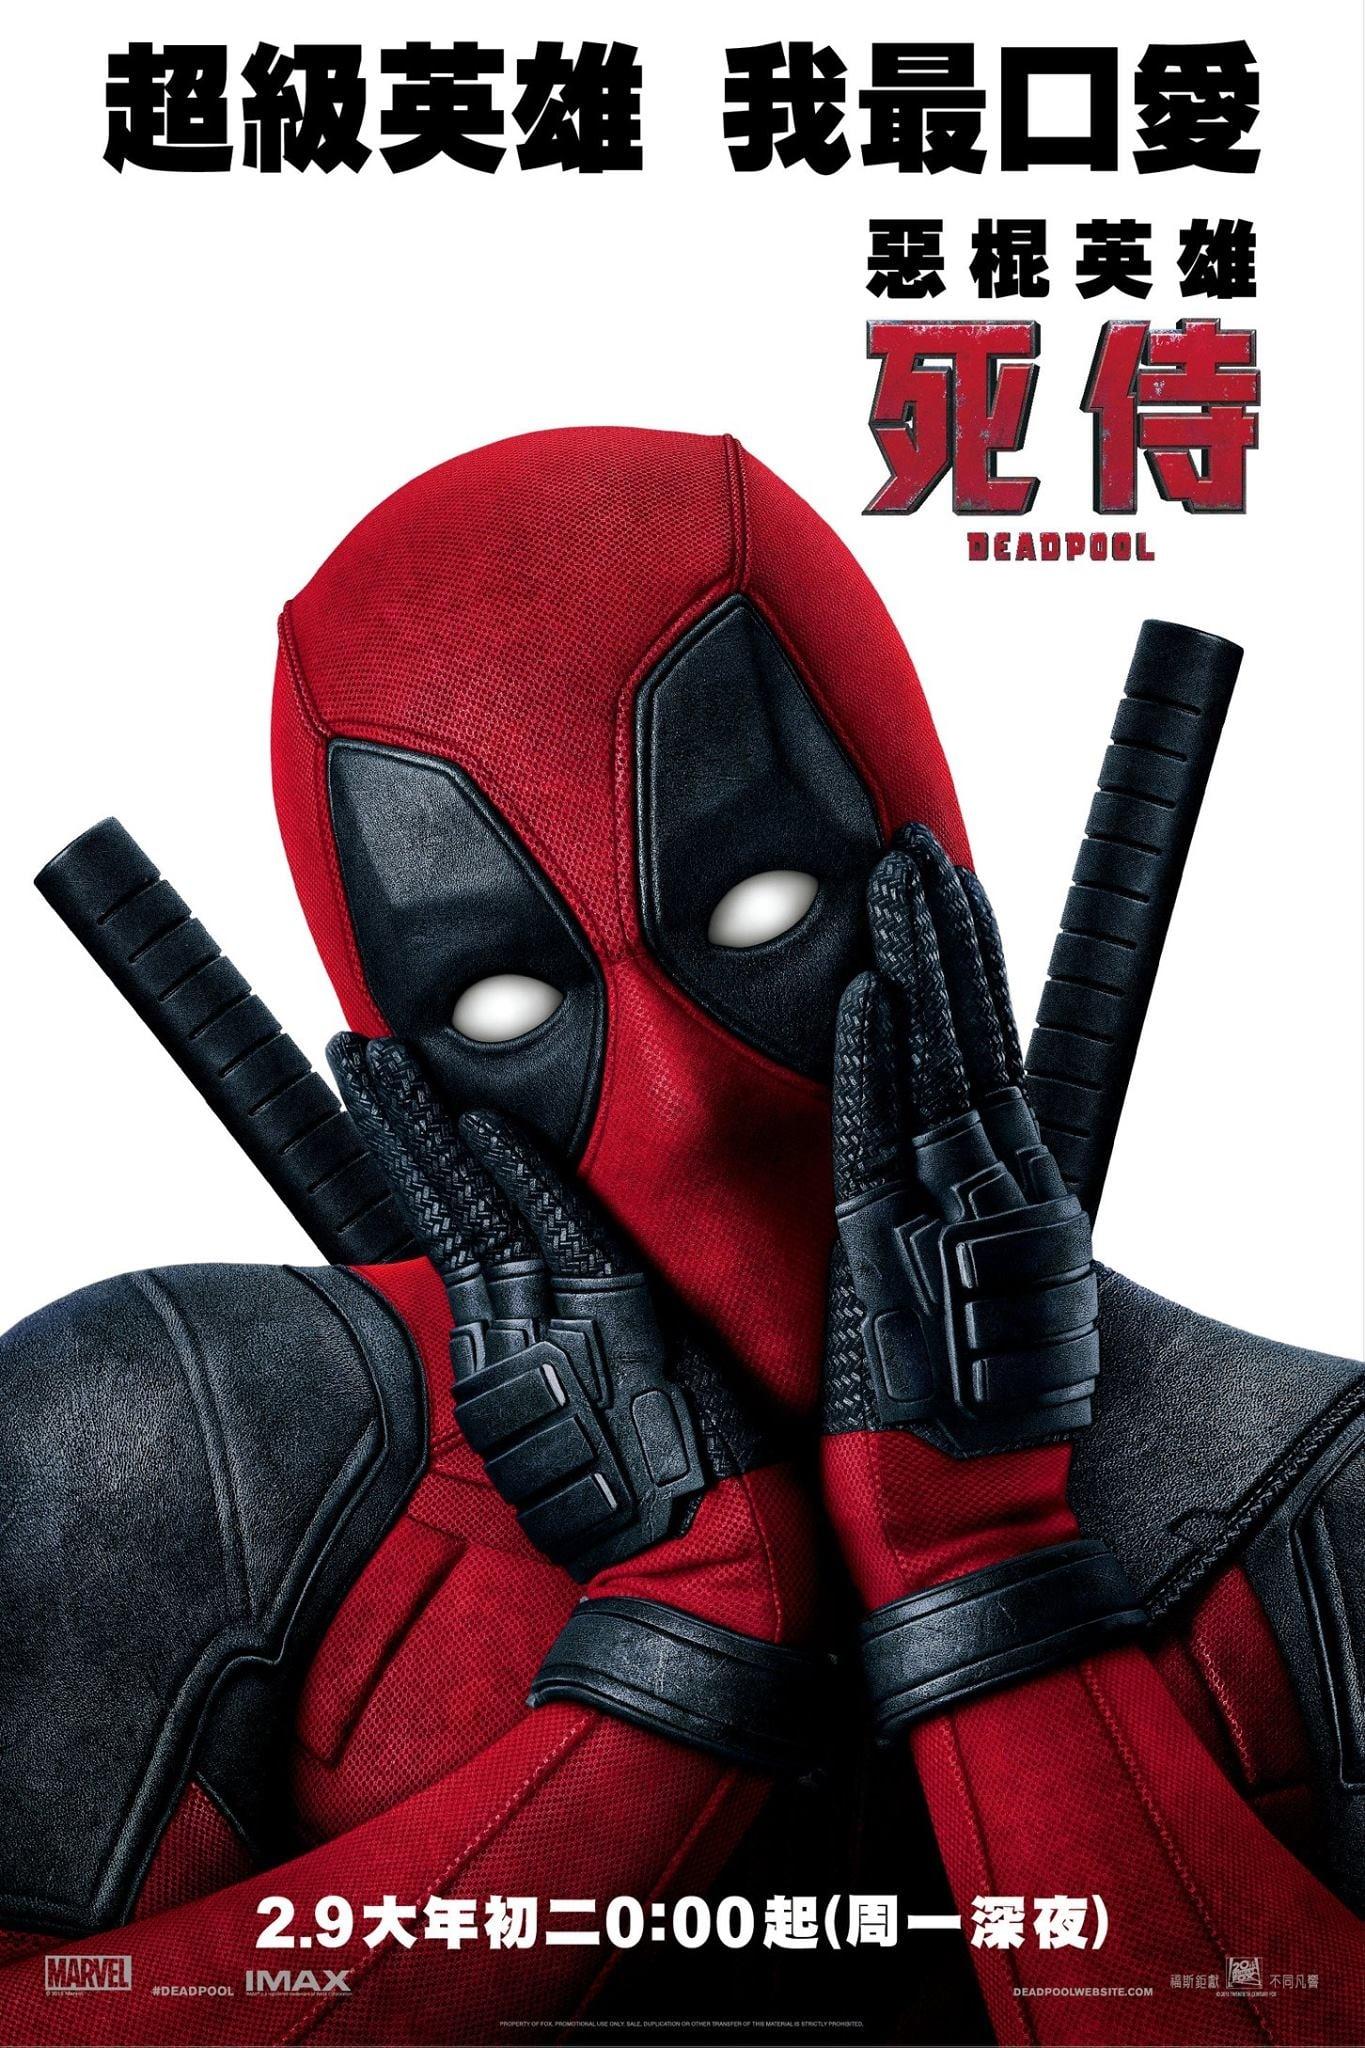 Deadpool German Release